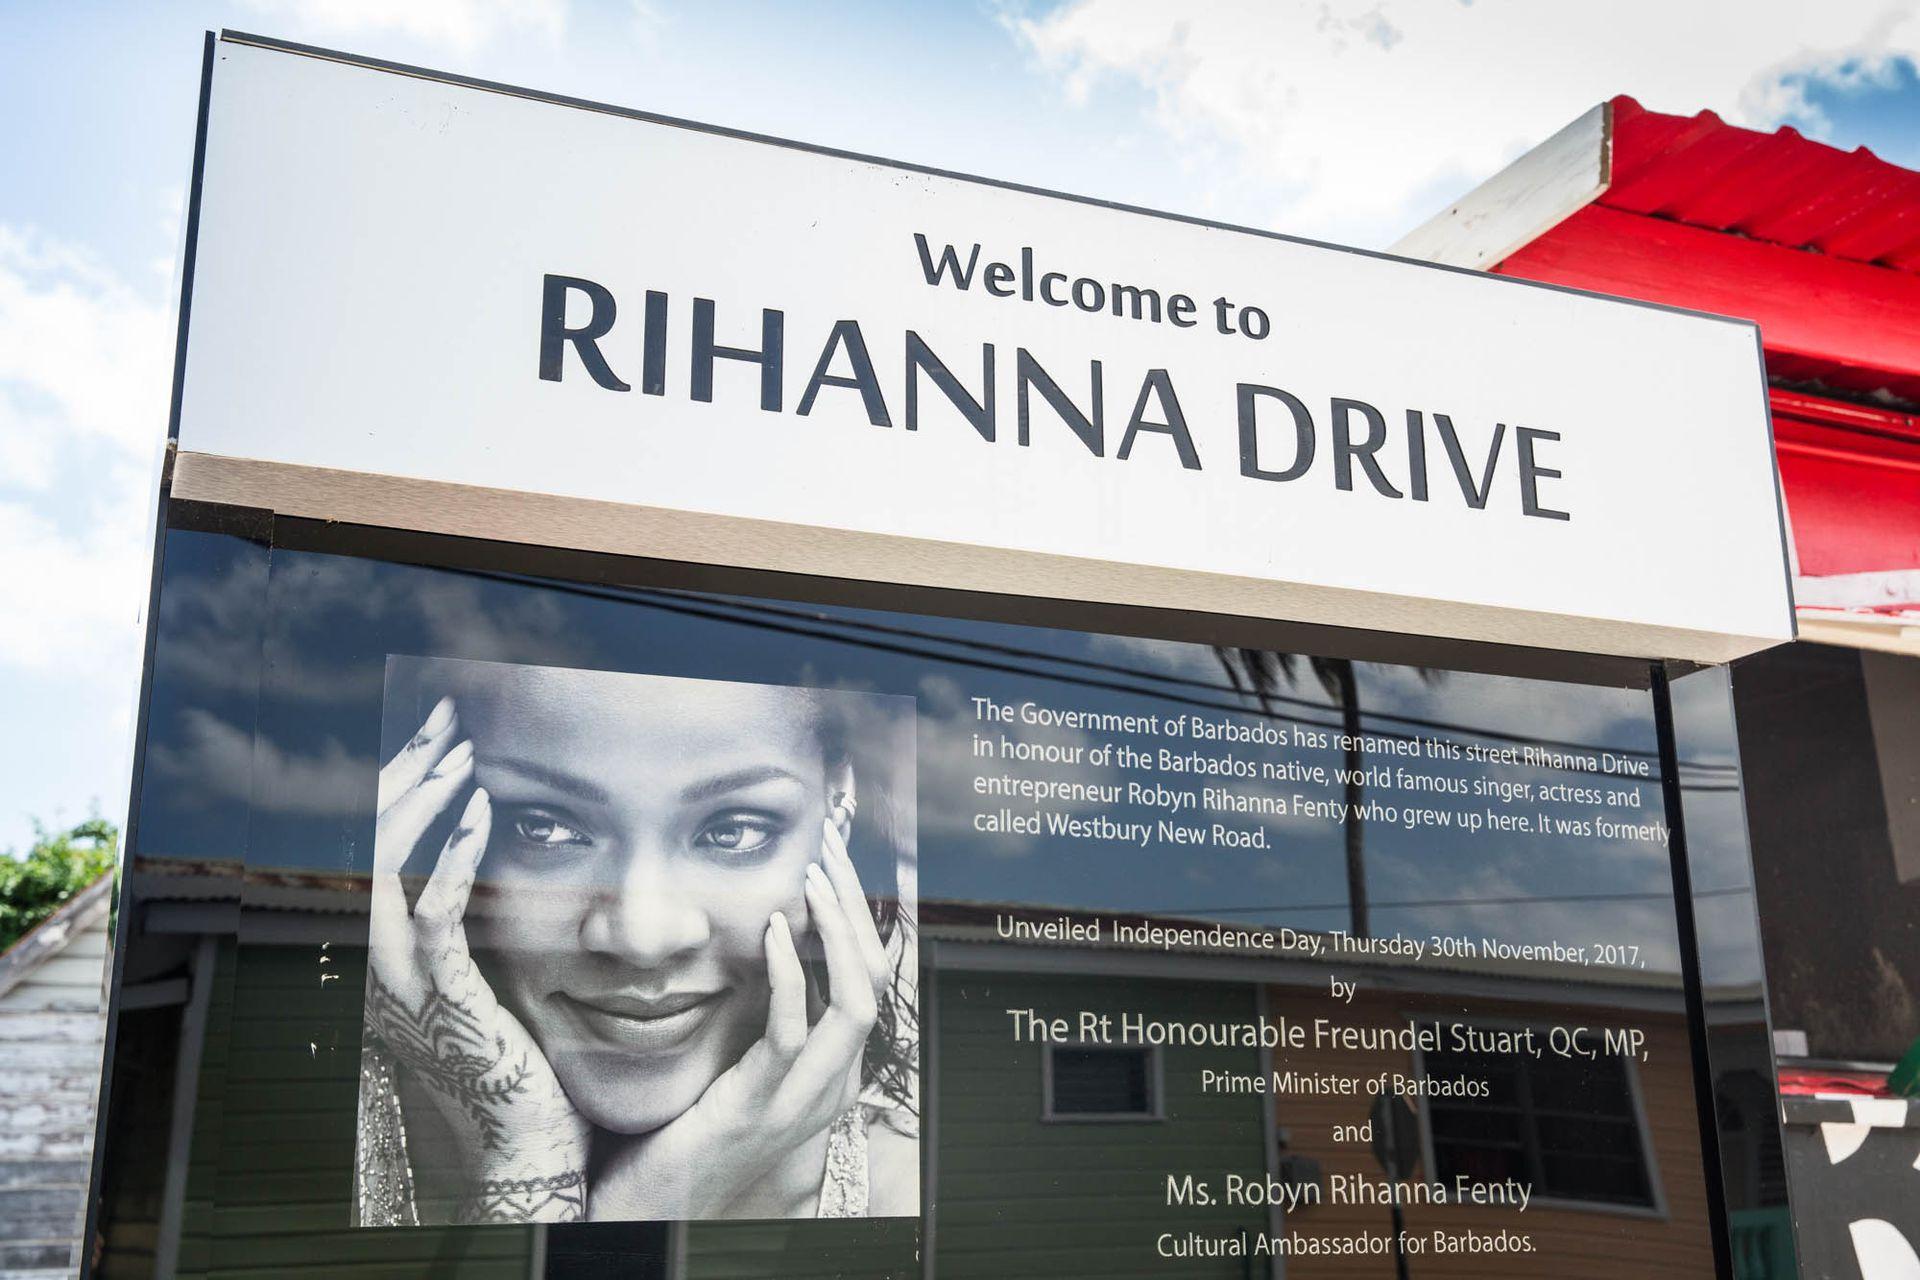 El cartel que indica el arribo al Rihanna Drive, cantante nacida en la isla.